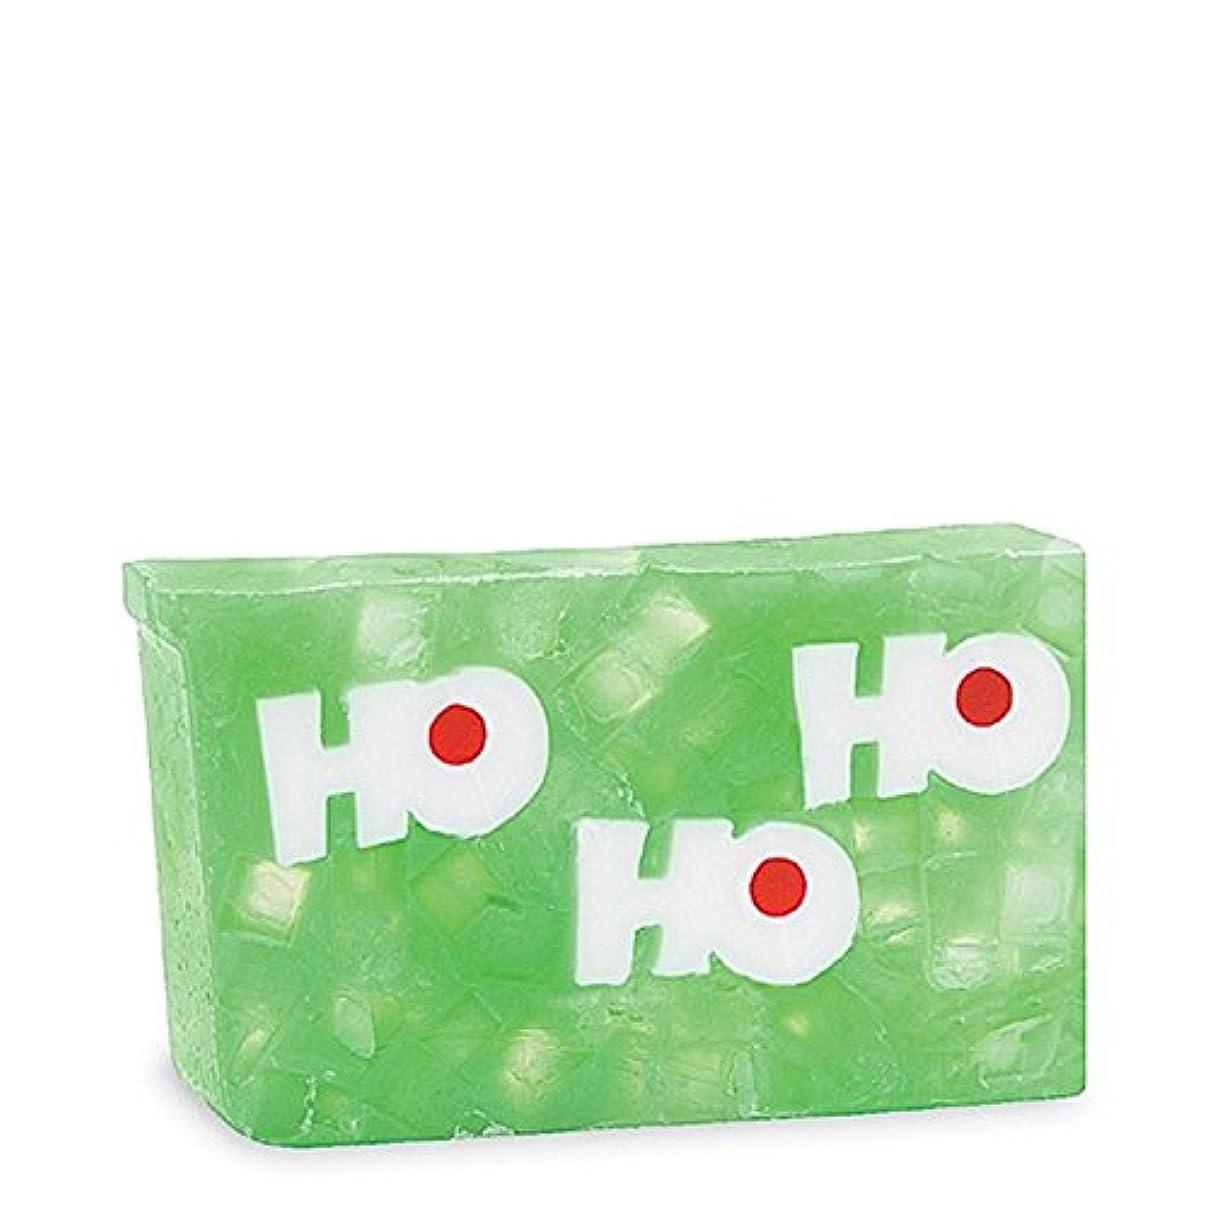 ポルノ花弁マンハッタン原初の要素ホーホーホ石鹸 x4 - Primal Elements Ho Ho Ho Soap (Pack of 4) [並行輸入品]